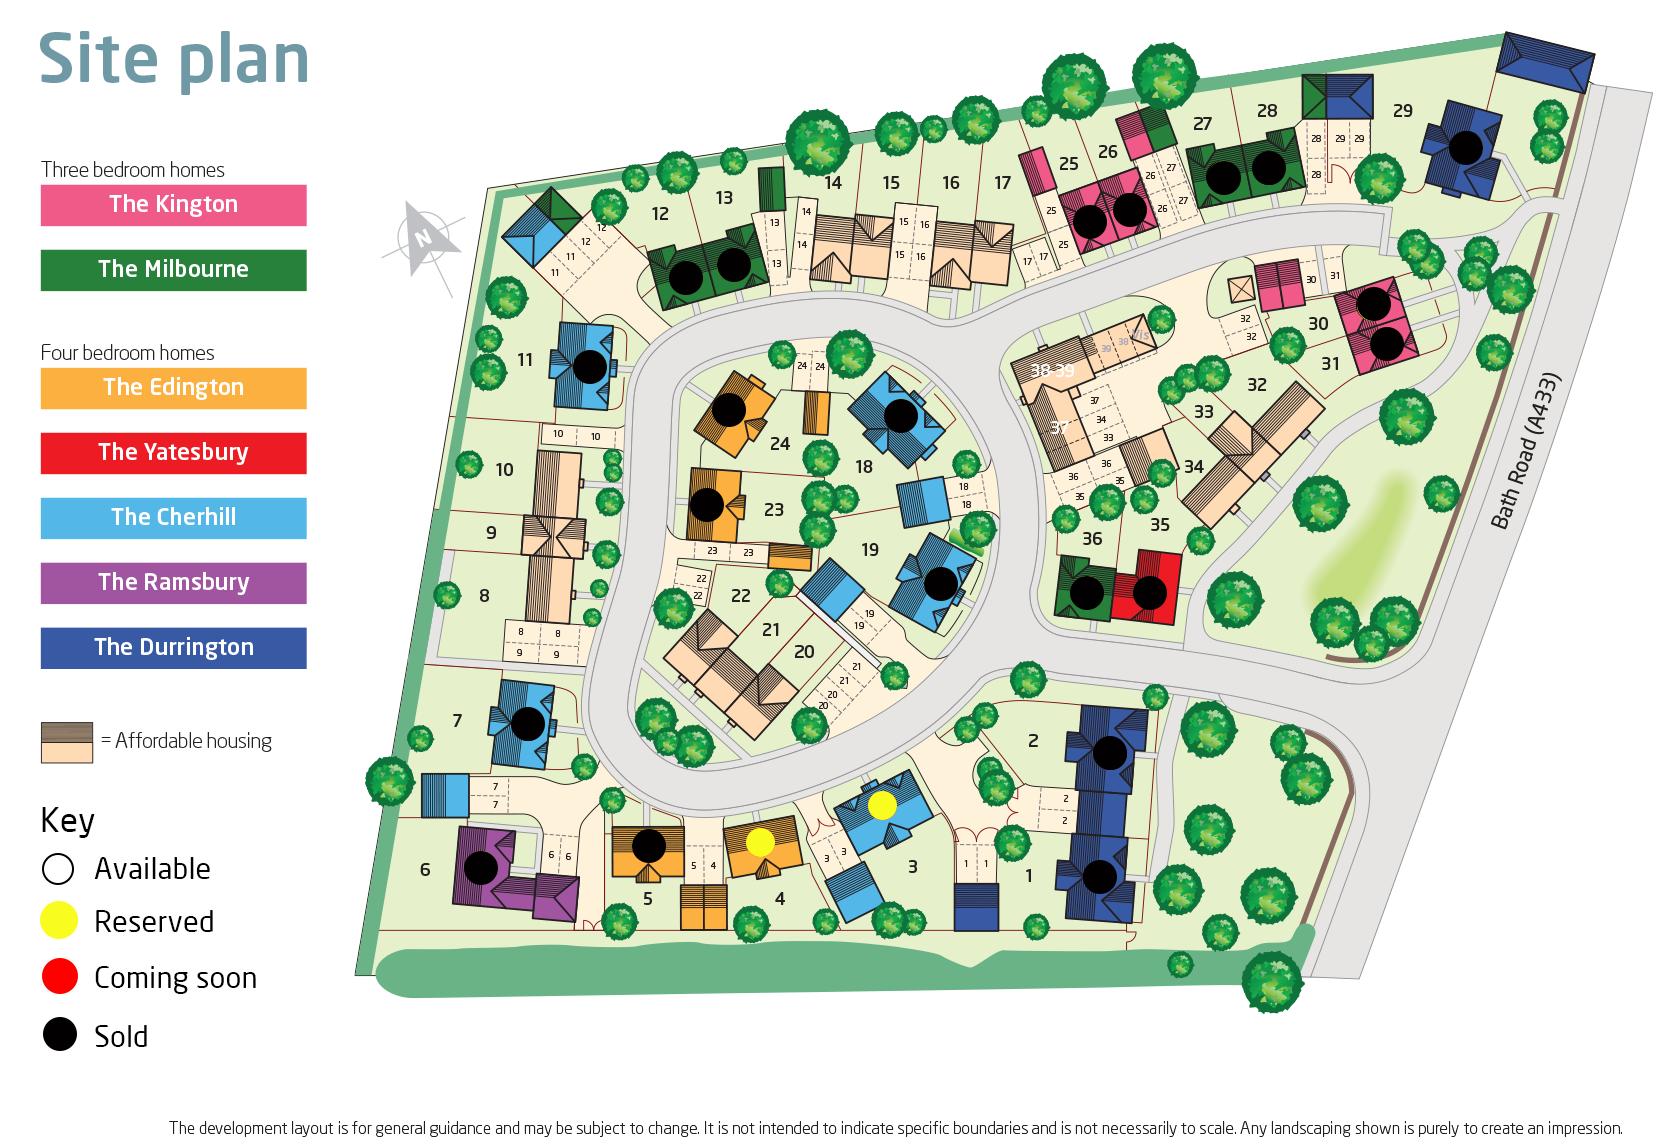 Whitelands site layout